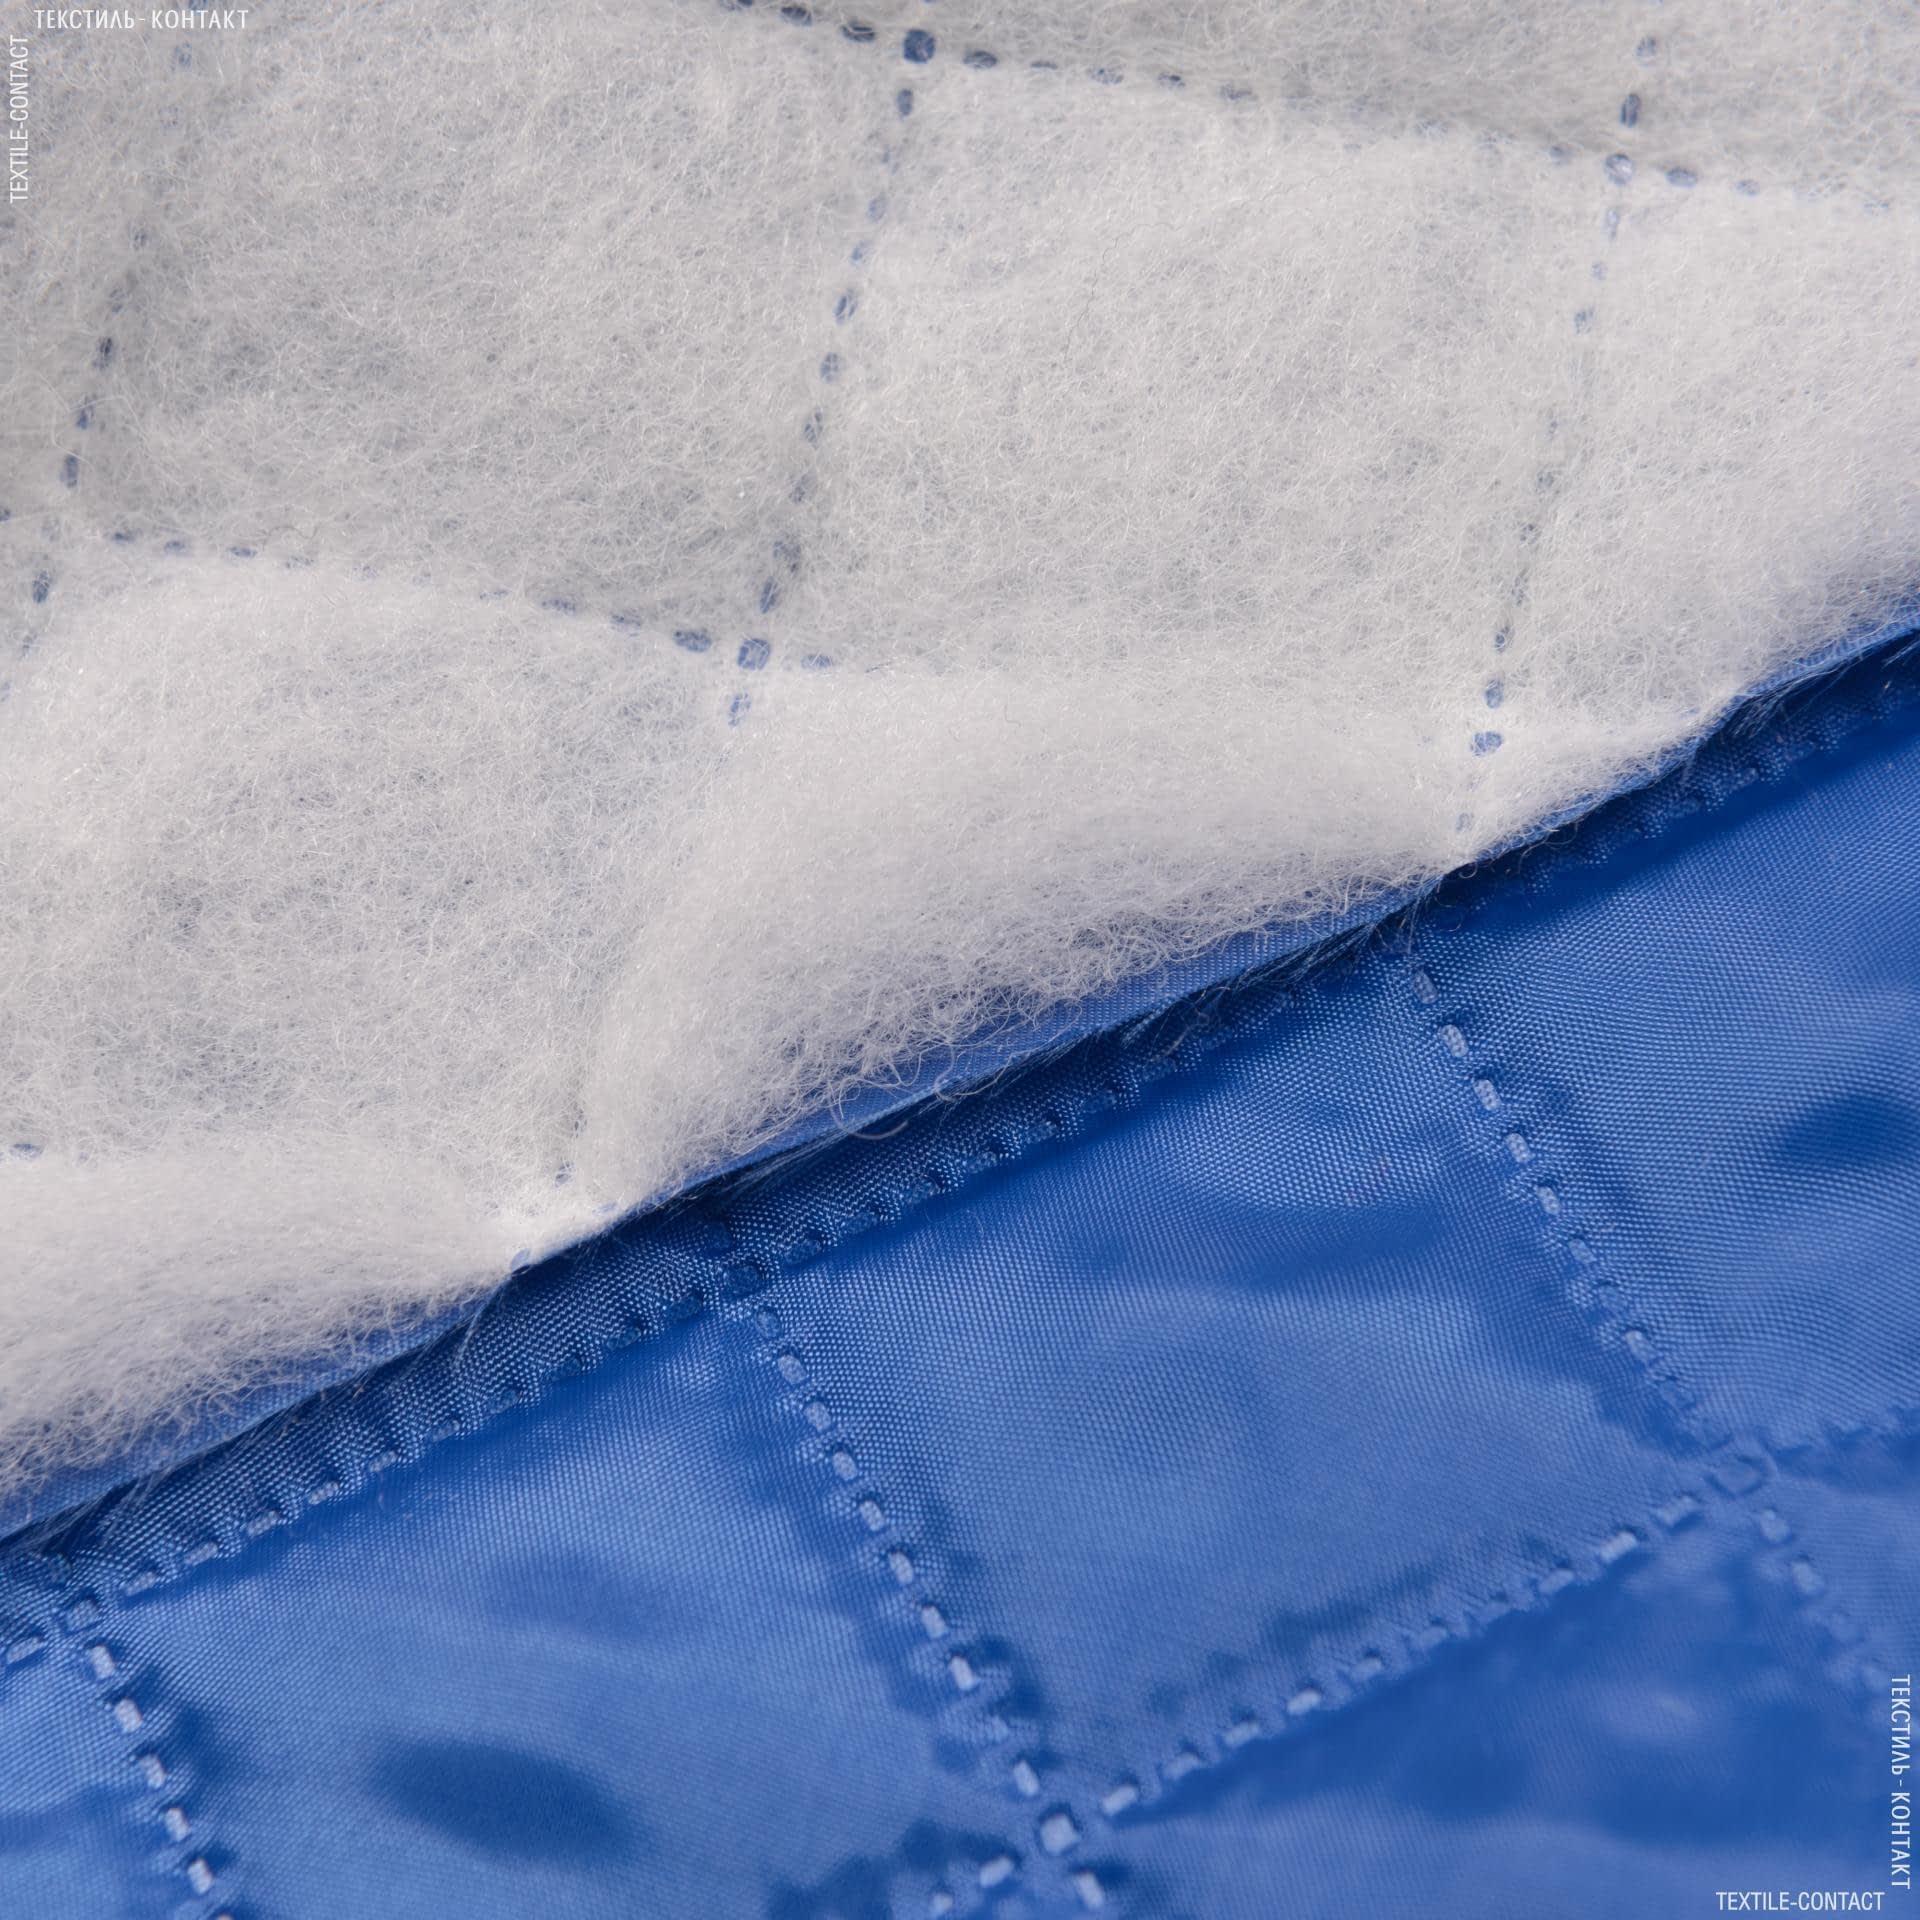 Ткани подкладочная ткань - Подкладка 190т термоспаянная с синтепоном 100г/м  5х5 василек